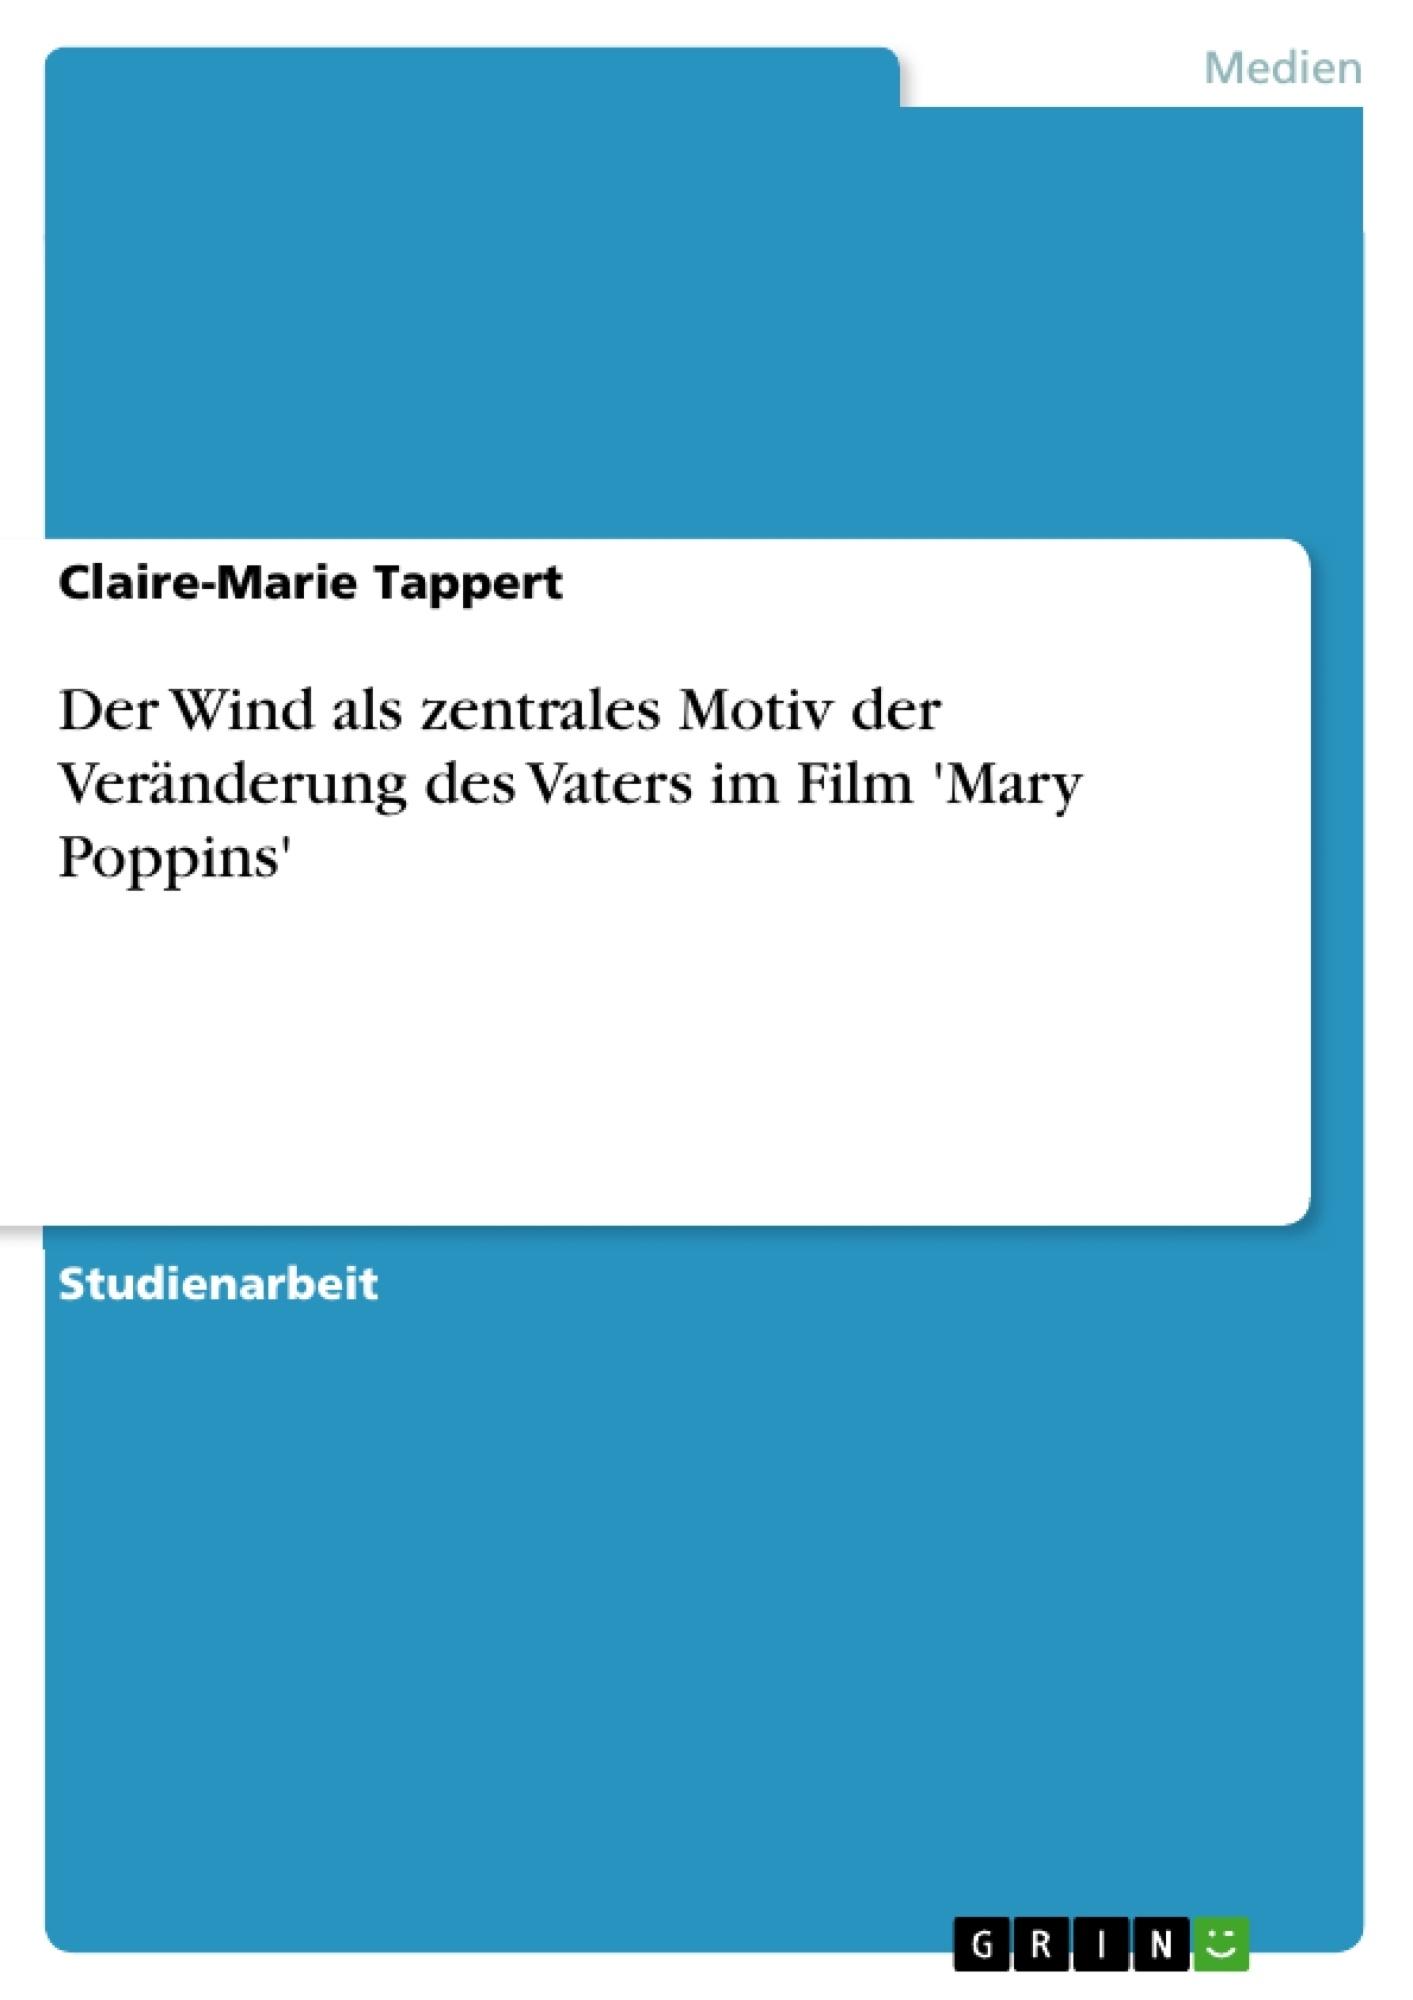 Titel: Der Wind als zentrales Motiv der Veränderung des Vaters im Film 'Mary Poppins'